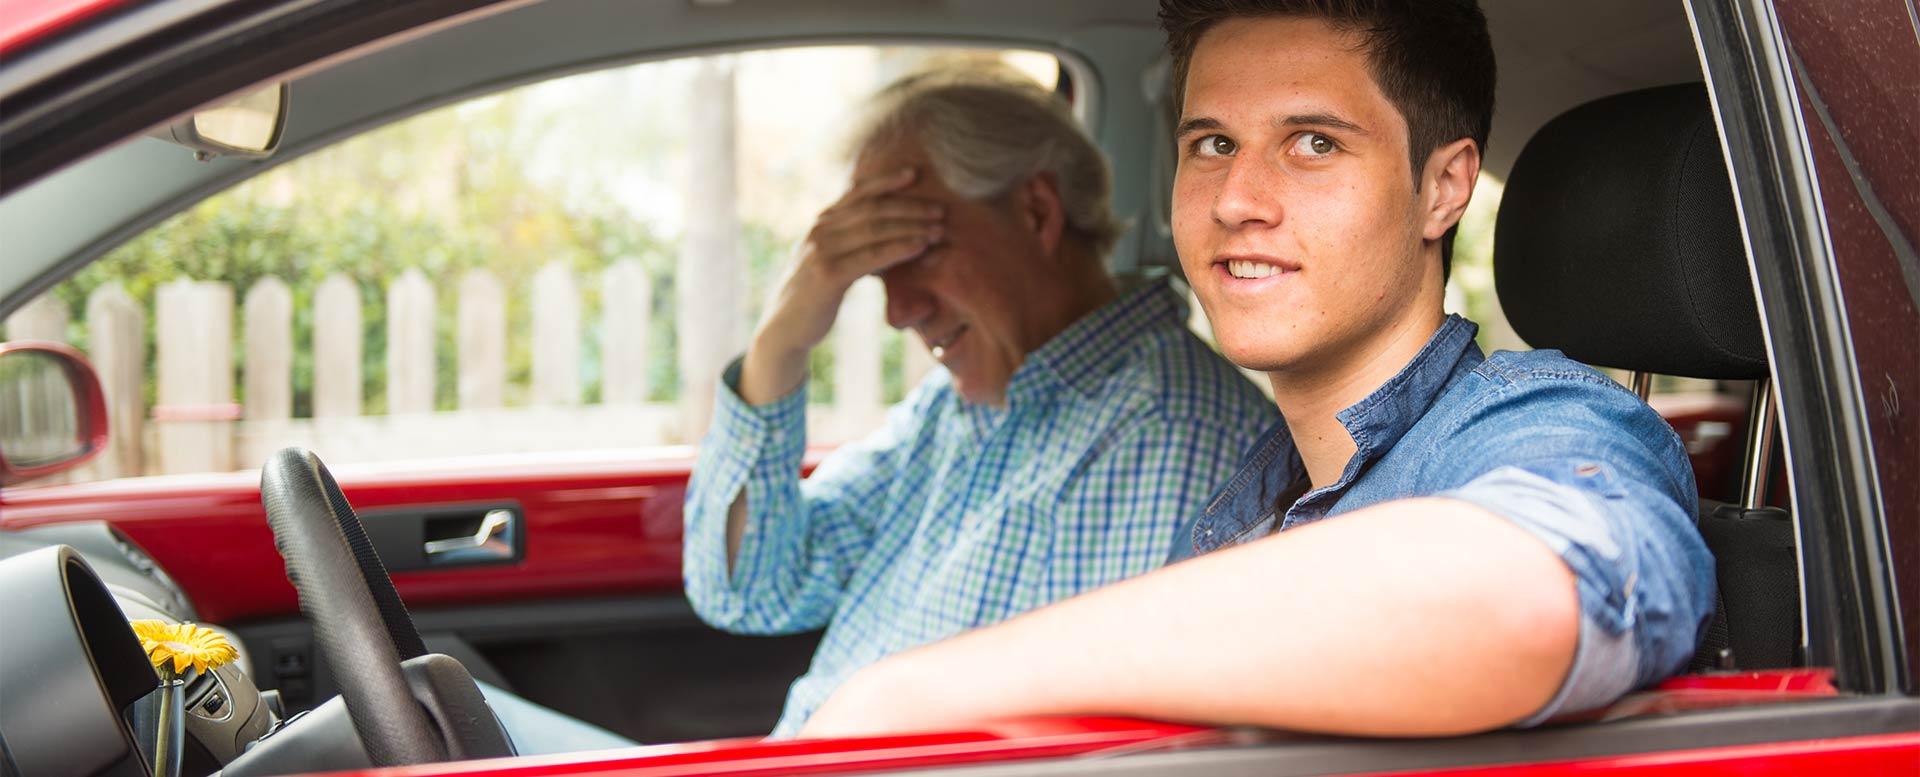 Begleitfahrer zu sein erfordert Gelassenheit